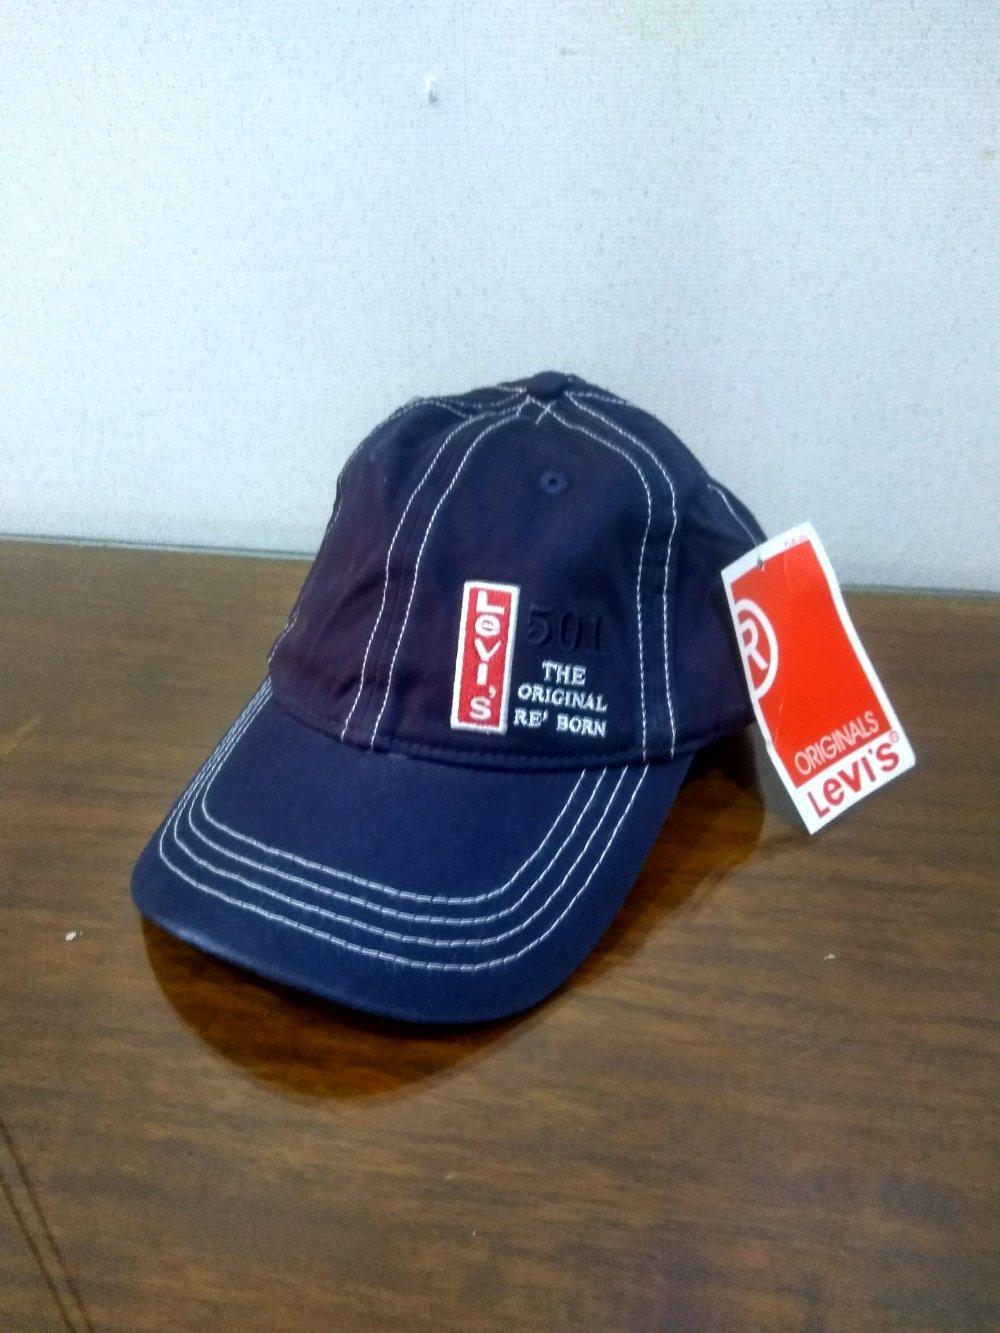 Topi Levis Import - Blue01 di lapak Topi KanBaru topikanbaru